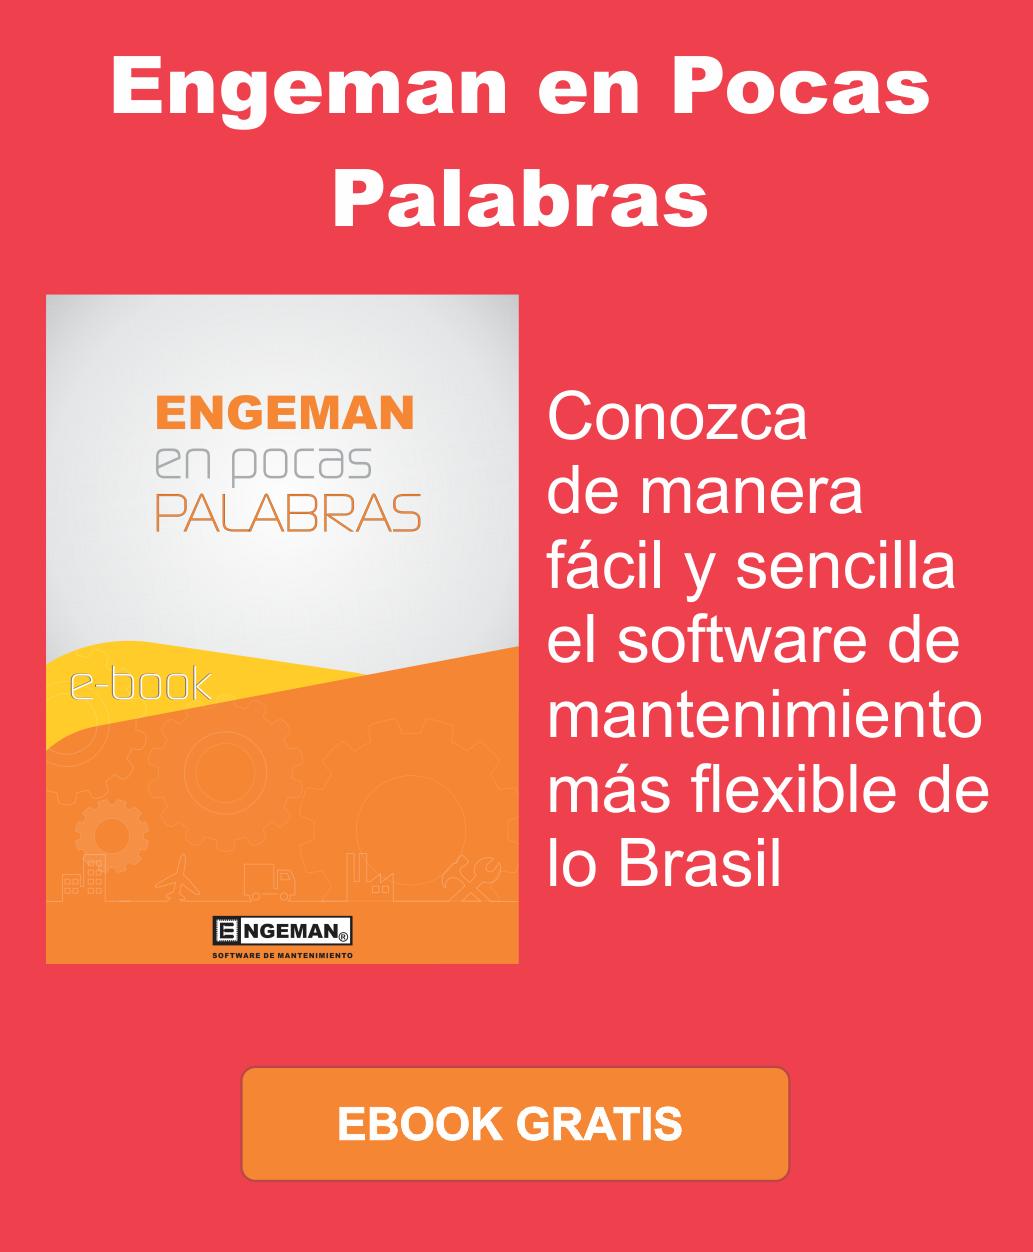 ¡E-book gratuito para estructurar la programación de mantenimiento de su empresa!